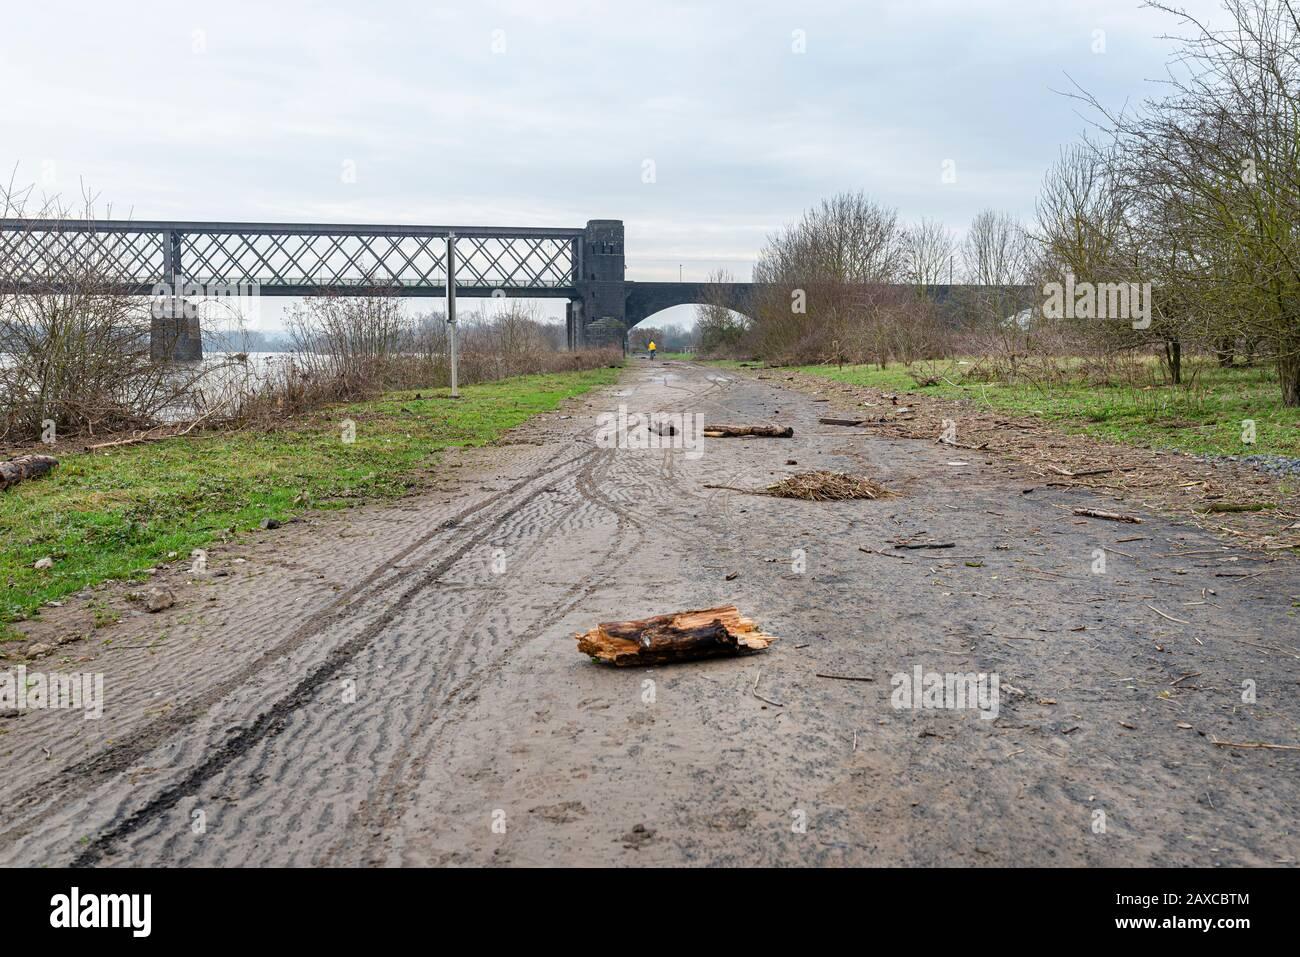 Ein Dirt-Bike-Weg am Ufer eines Flusses in Westdeutschland nach einem Hochwasser, sichtbarem Müll, Baumzweigen und Bahnbrücke. Stockfoto